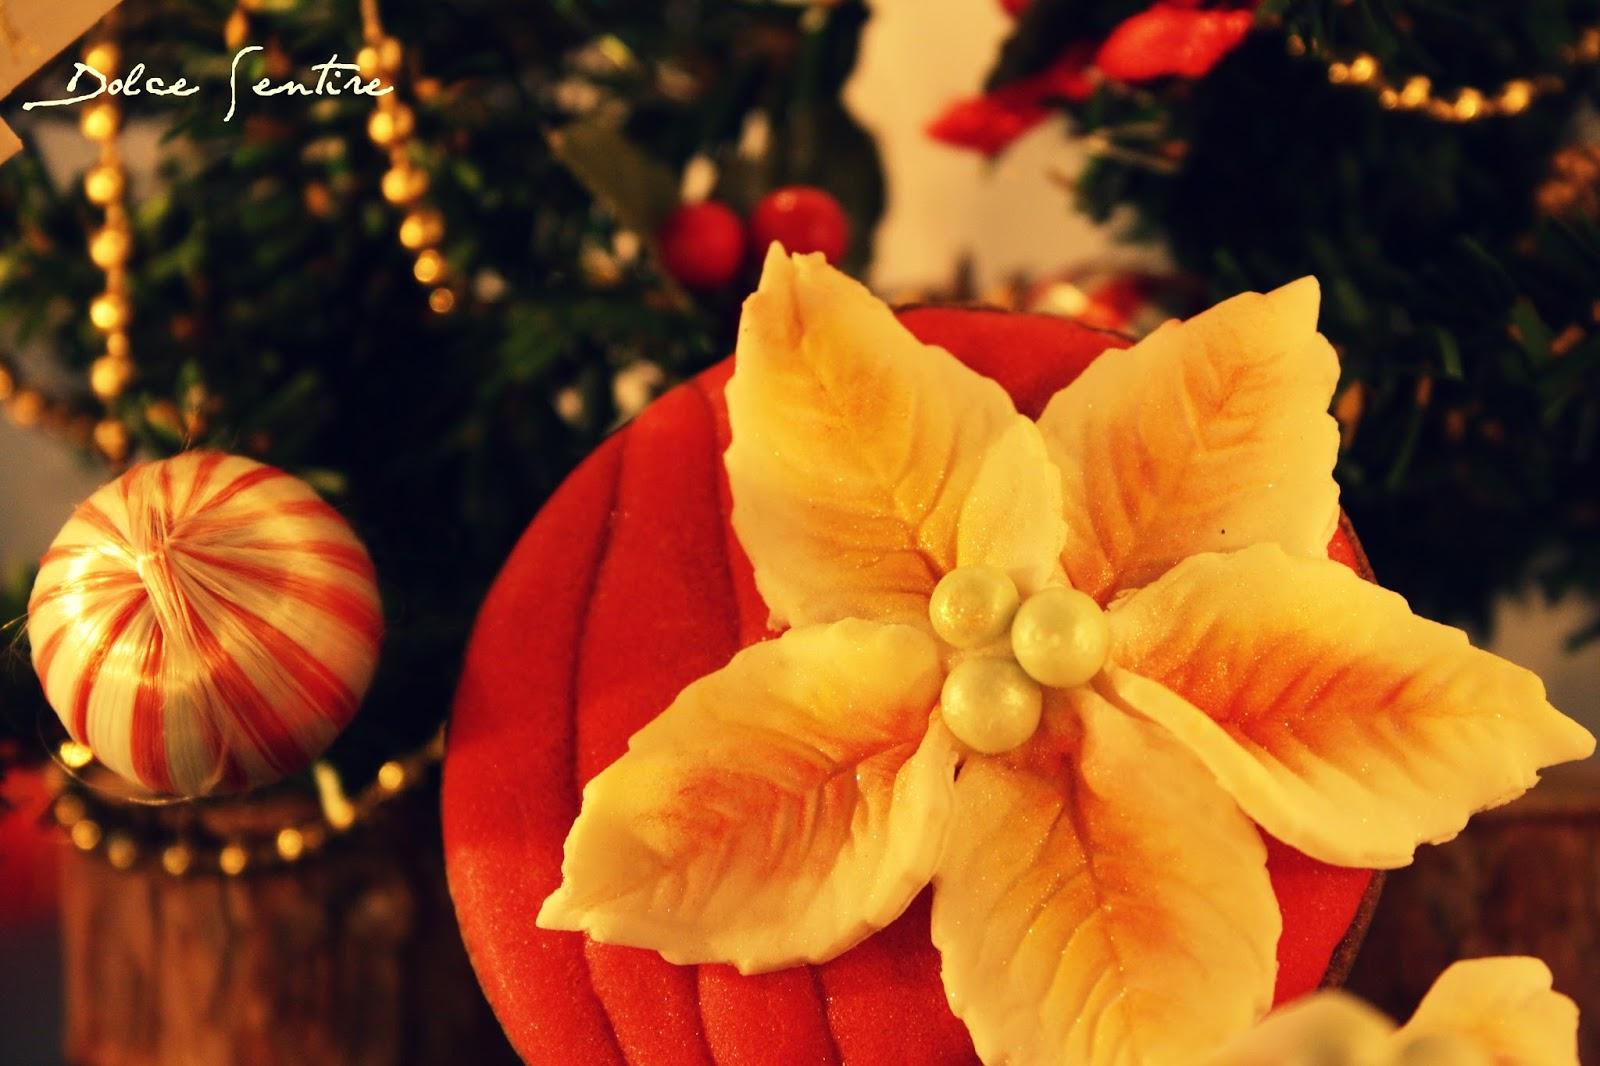 Galletas Flor de Pascua (Poinsettia): Un regalo para ti, que siempre estás ahí...